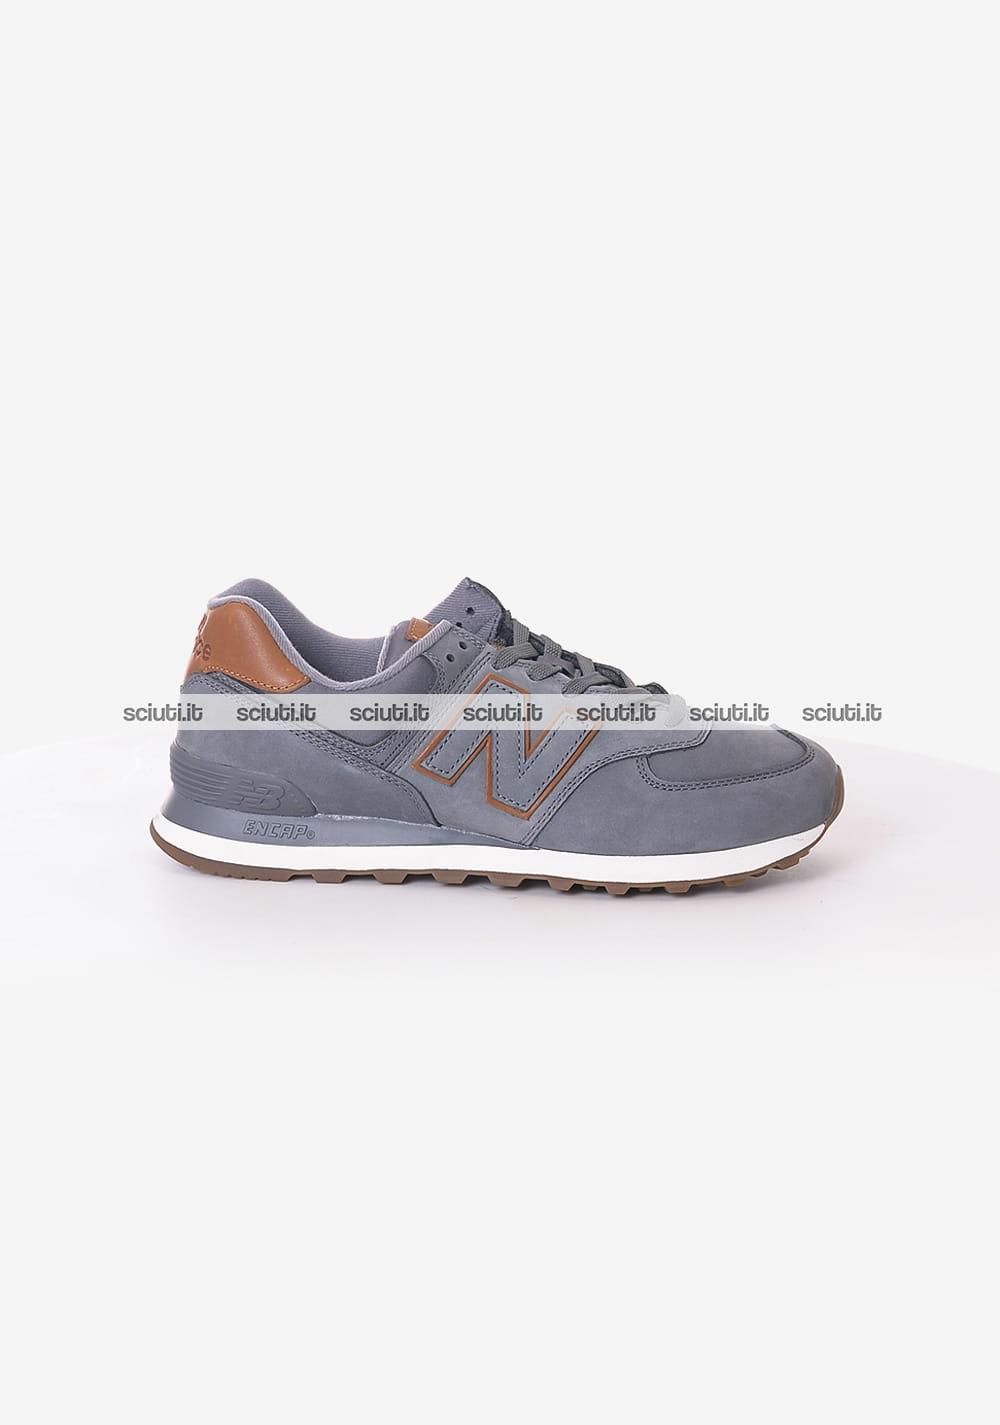 Scarpe New Balance uomo 574 grigio marrone | Sciuti.it